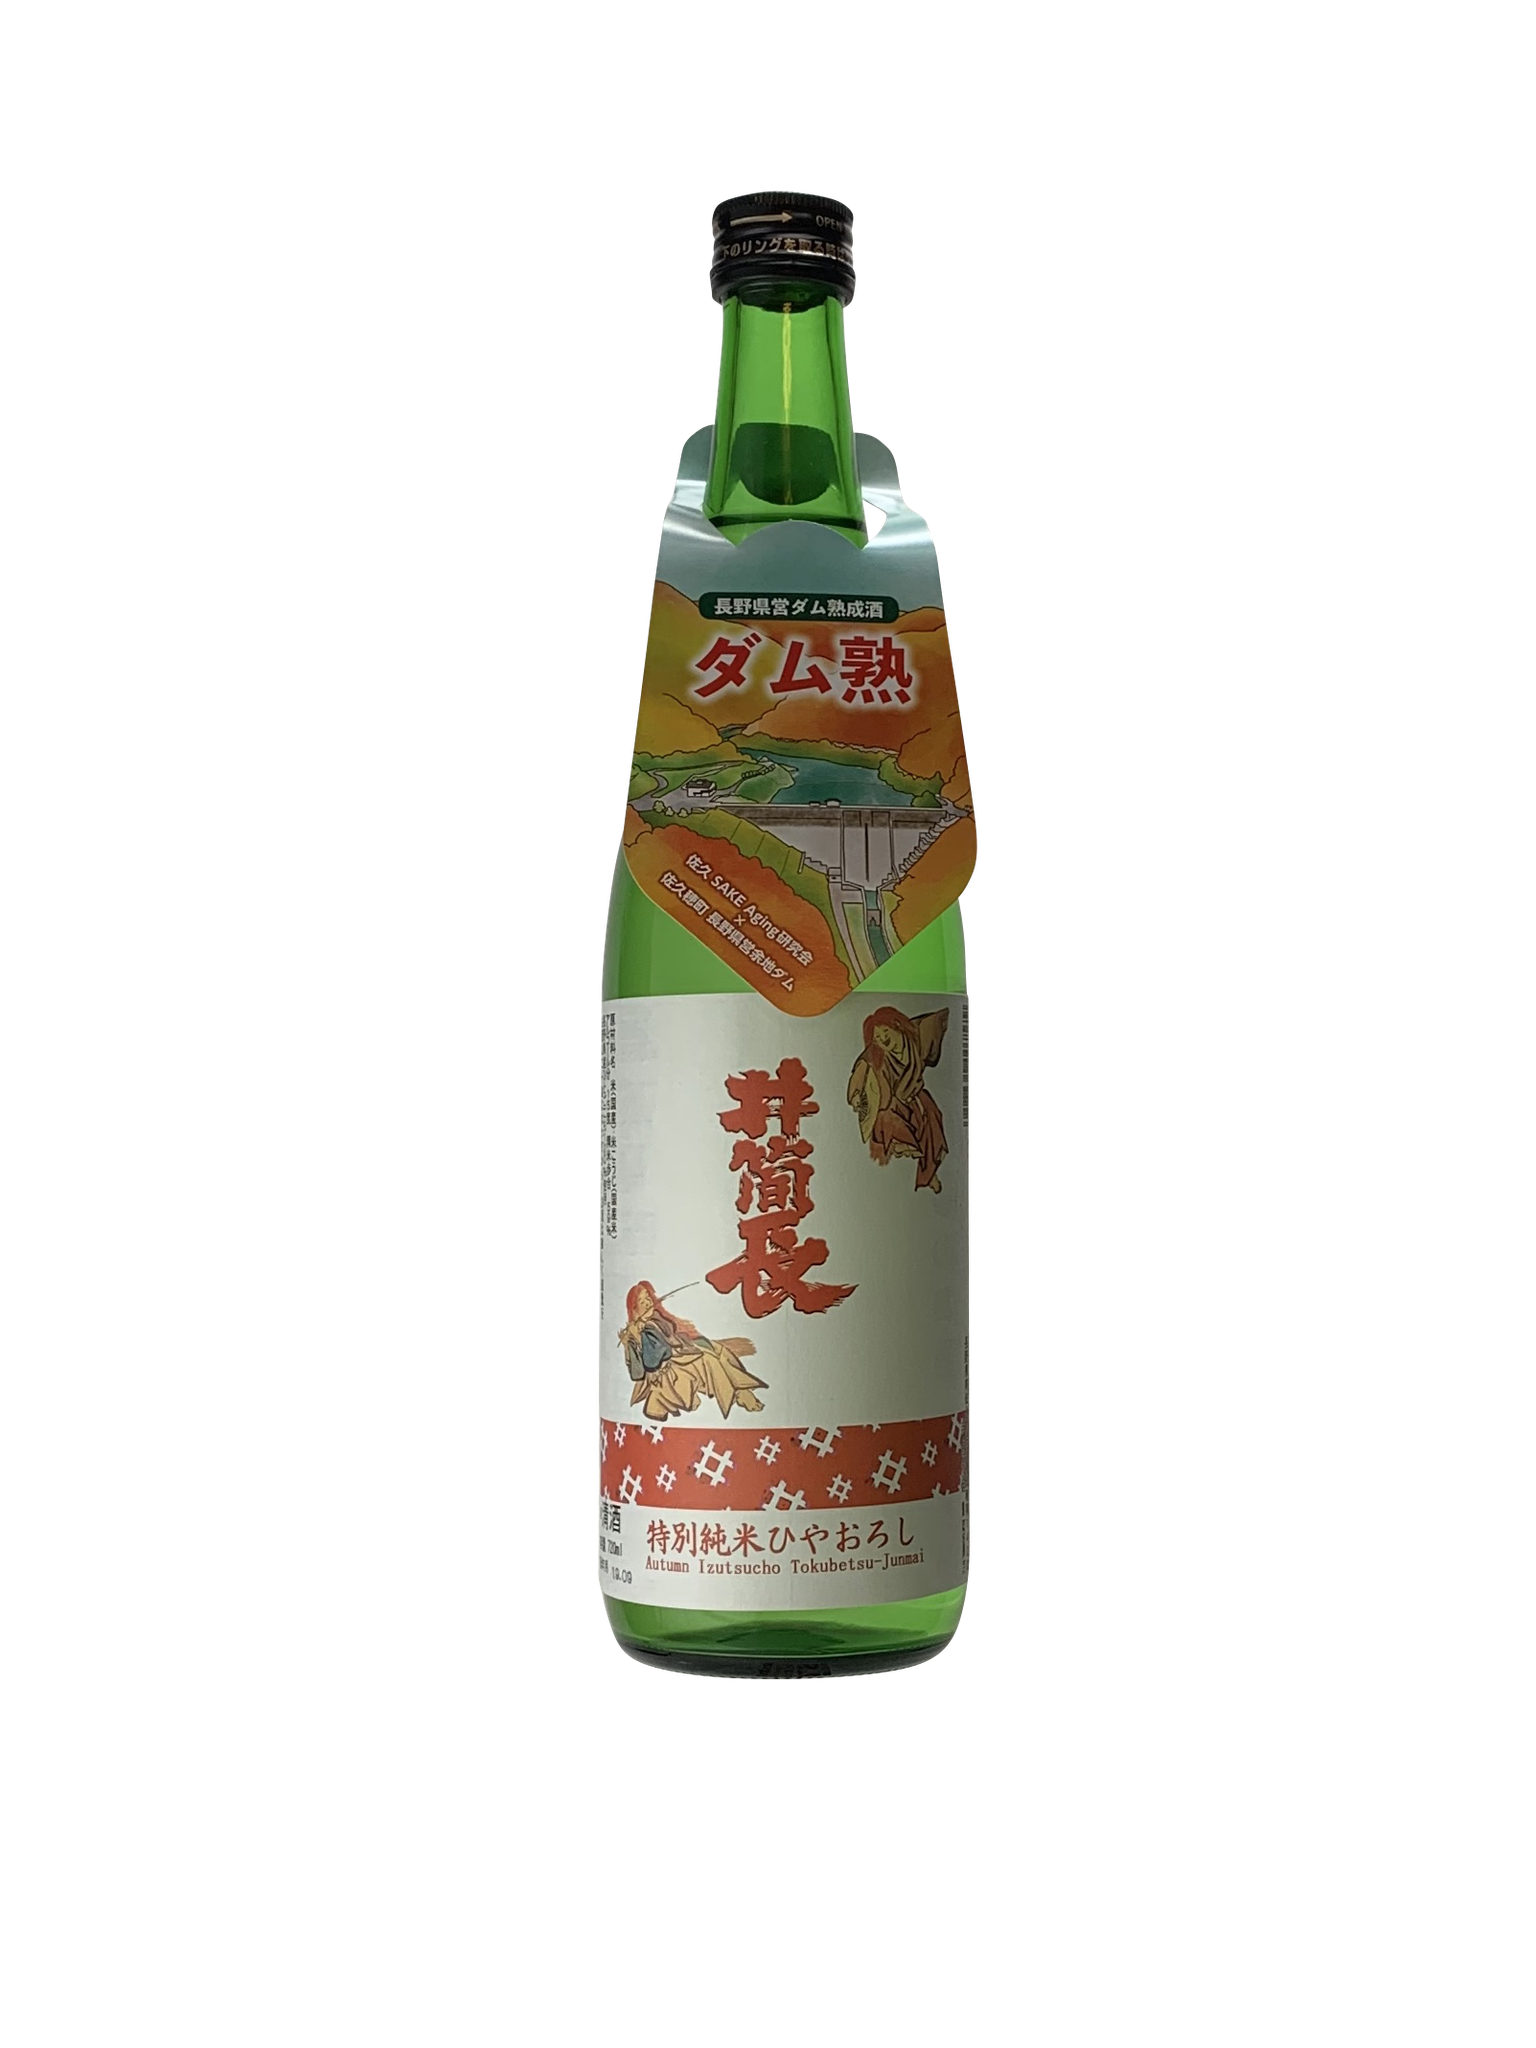 【井筒長 ダム貯蔵ひやおろし(秋卸酒)】